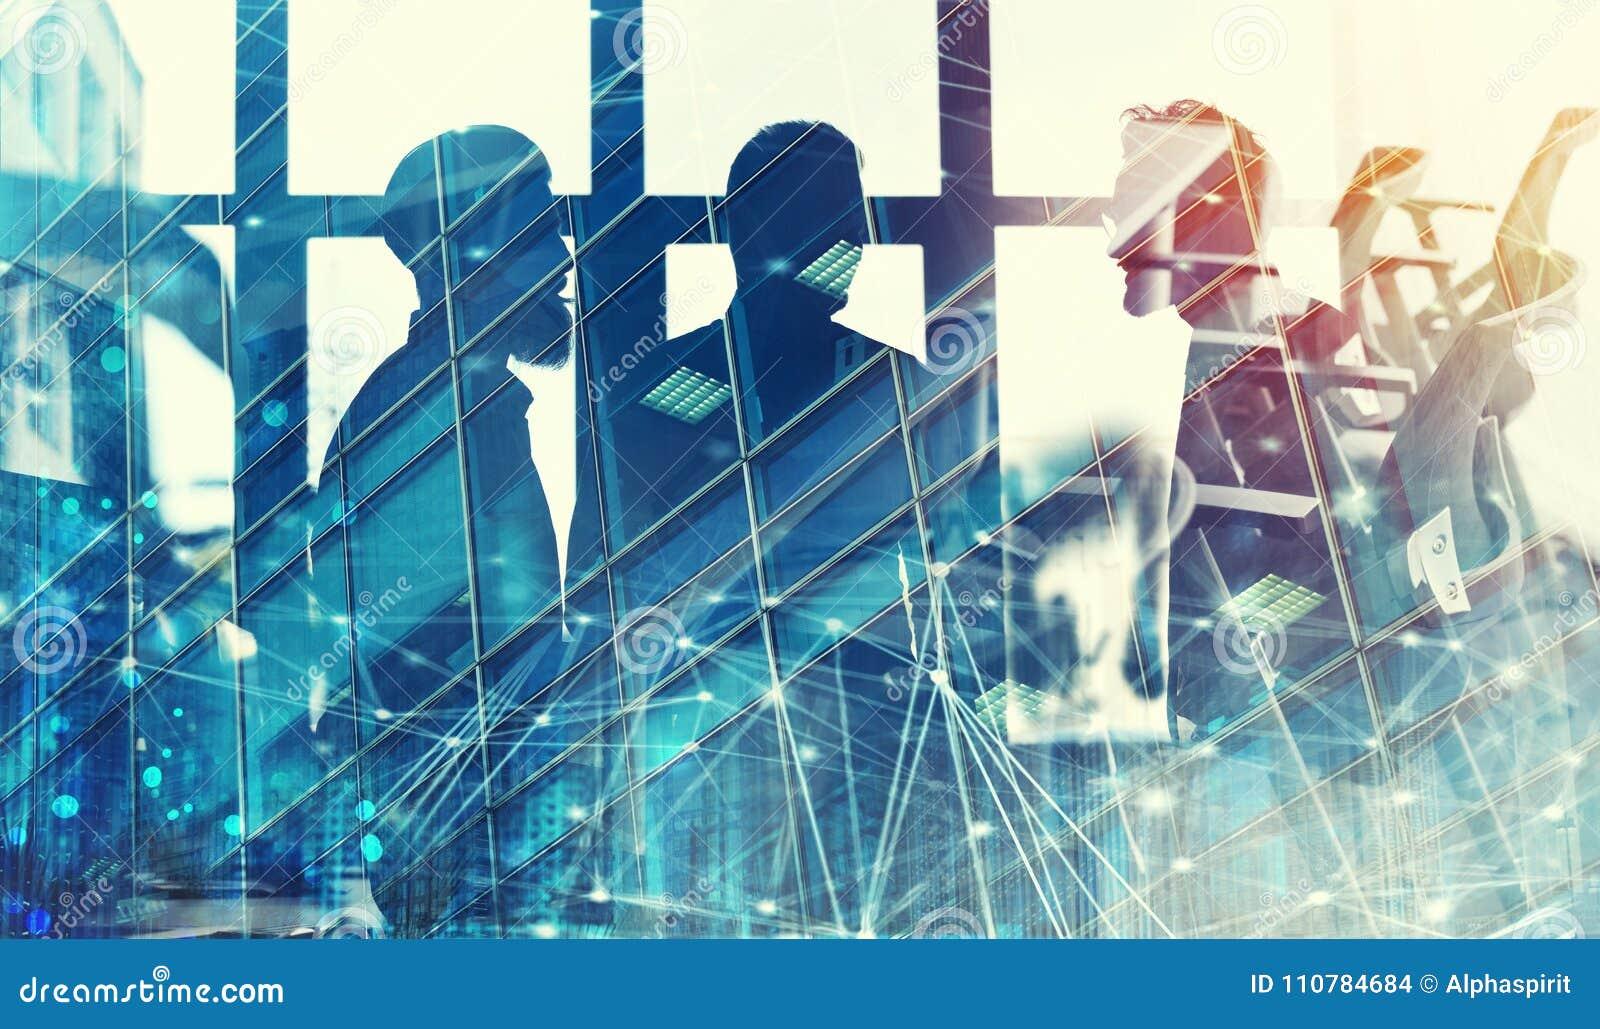 Geschäftsmänner, die im Büro mit Network Connection Effekt zusammenarbeiten Konzept der Teamwork und der Partnerschaft doppeltes